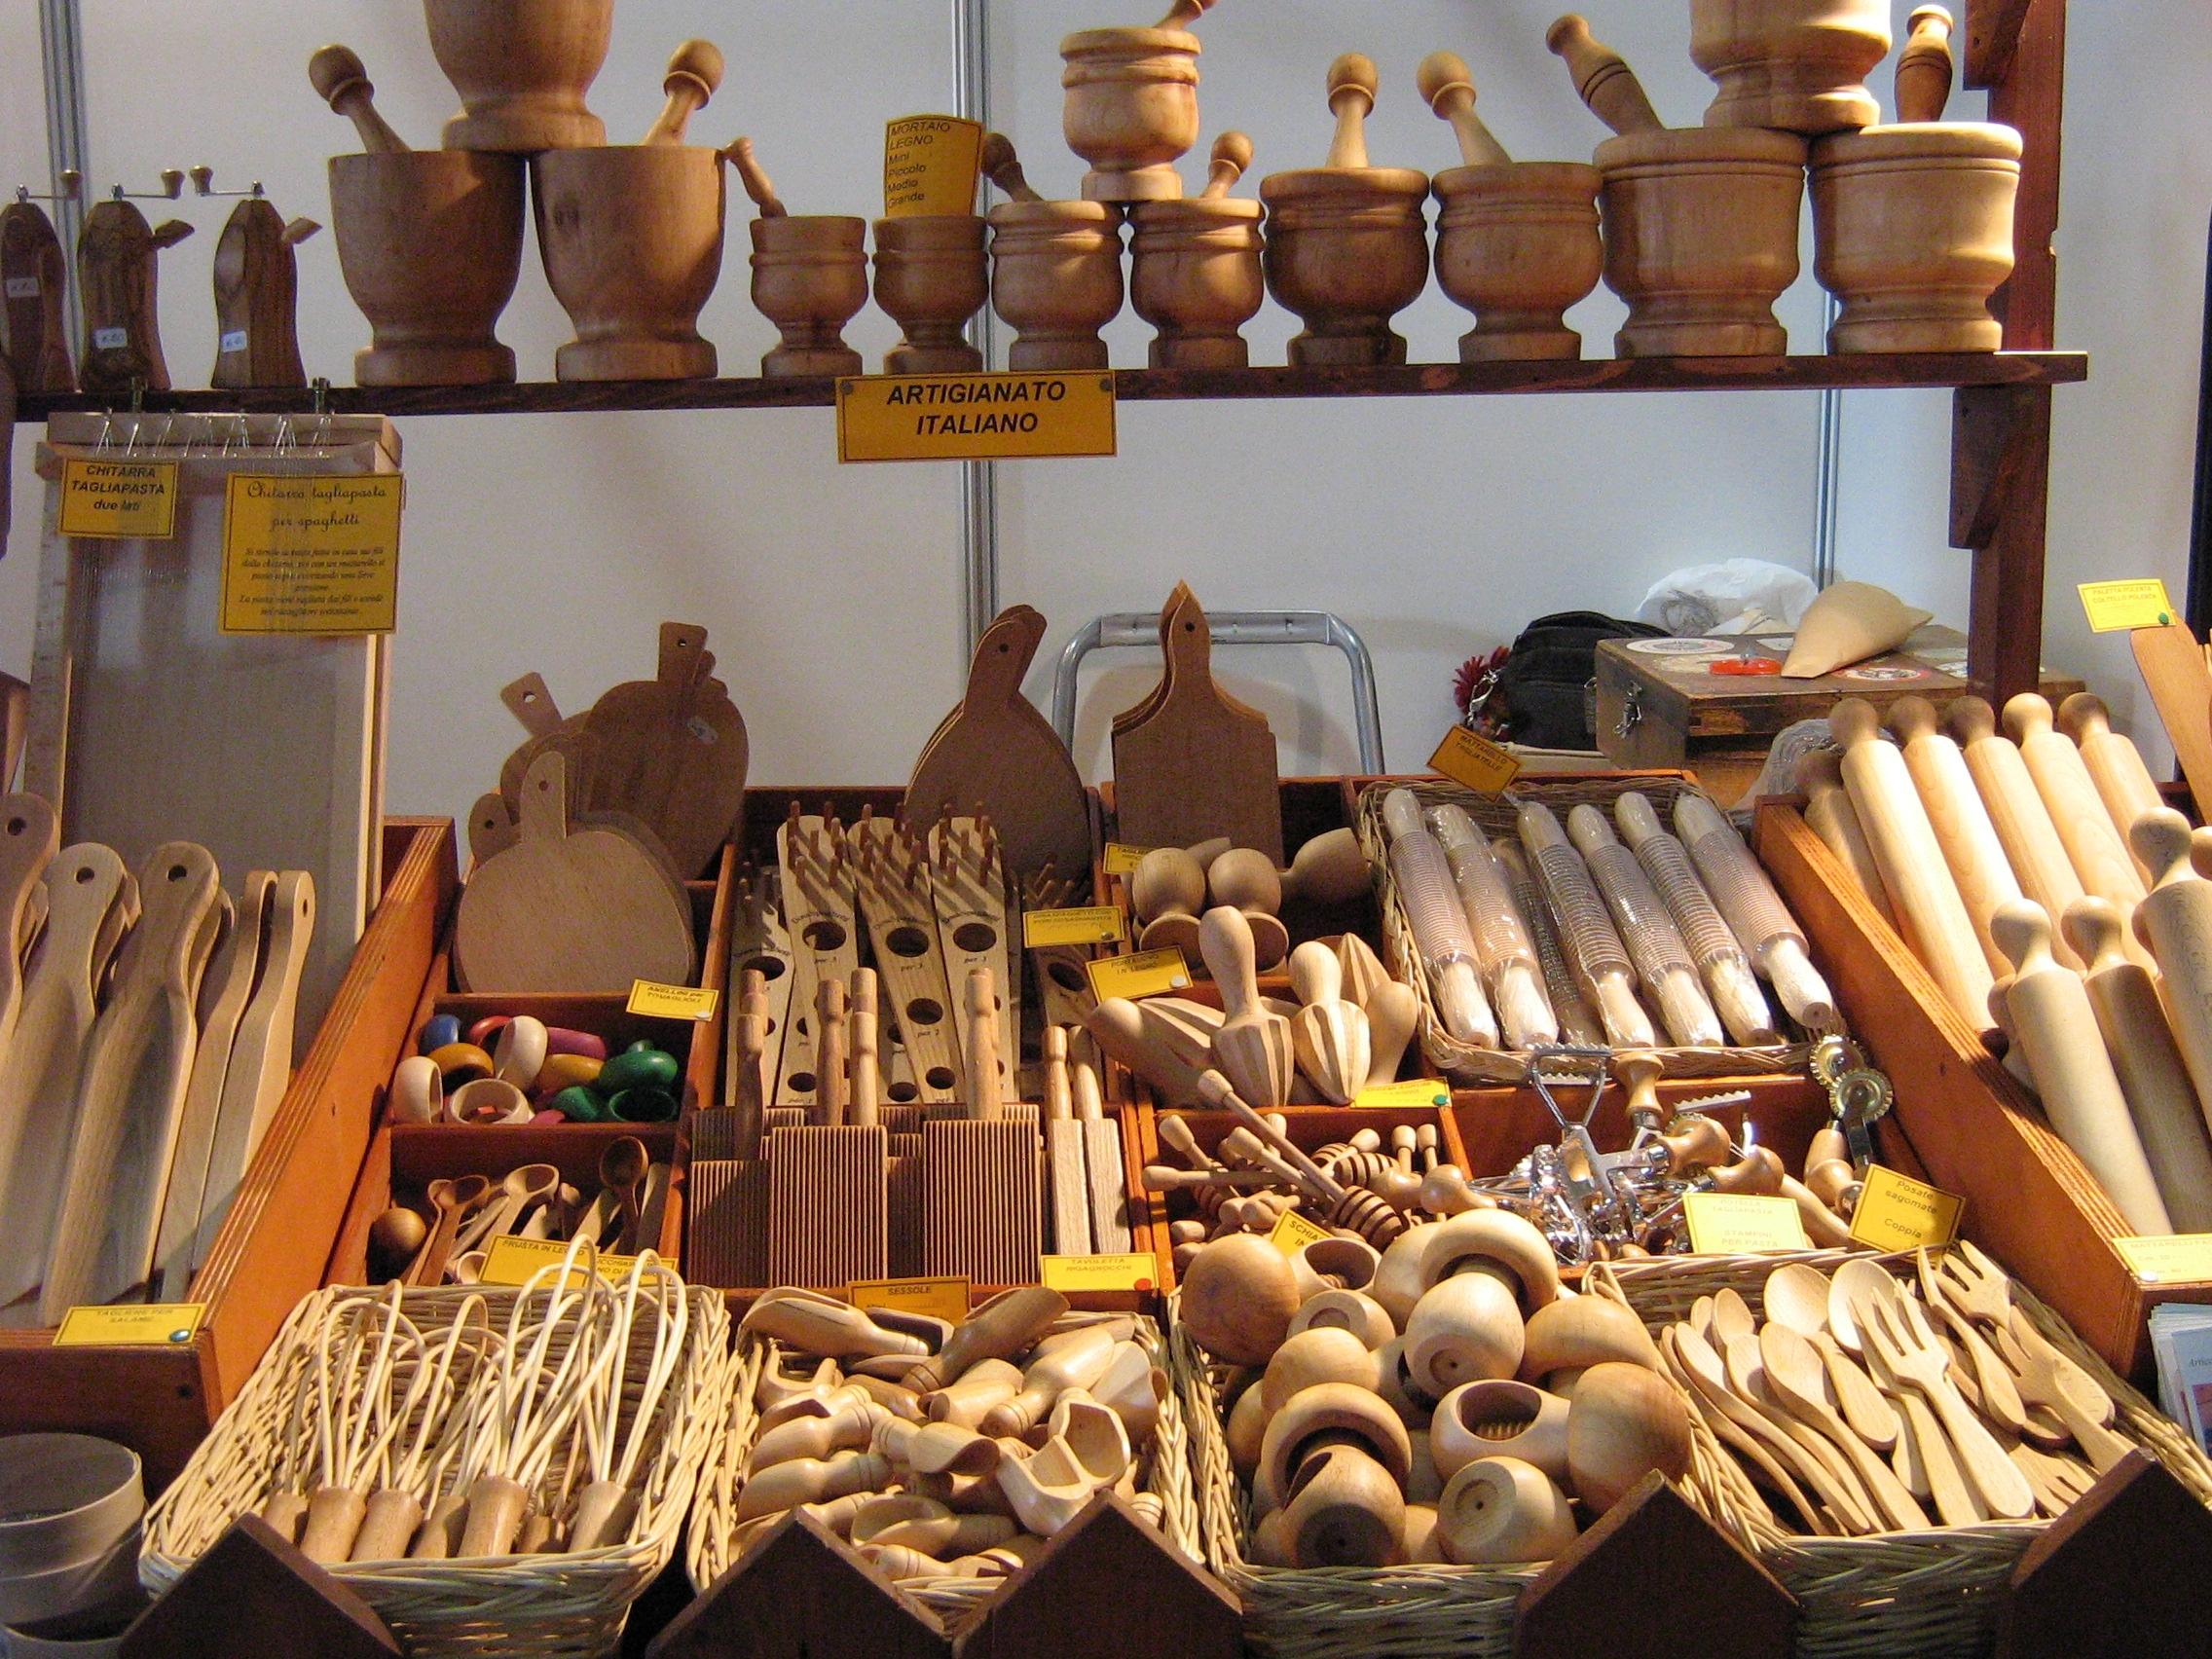 Super Artigianato del legno valsesiano :: Gli editoriali di  UQ92